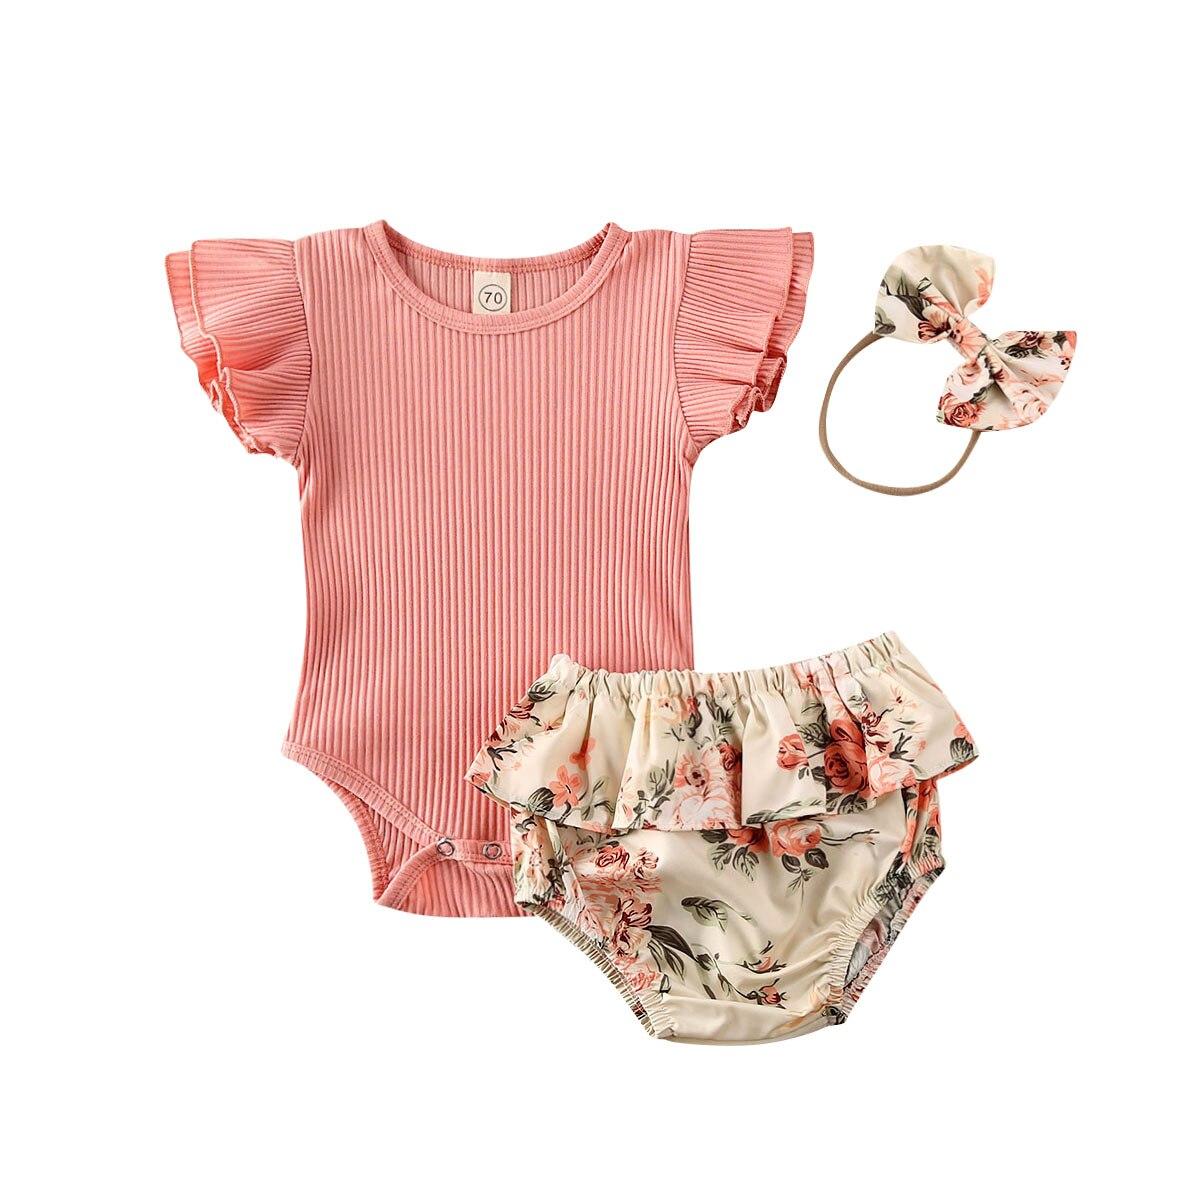 DaMohony Baby Girl Skirt Outfit 3Pcs Short Sleeve Romper Tutu Skirt Headband Girls Clothing Set for 0-18 Months